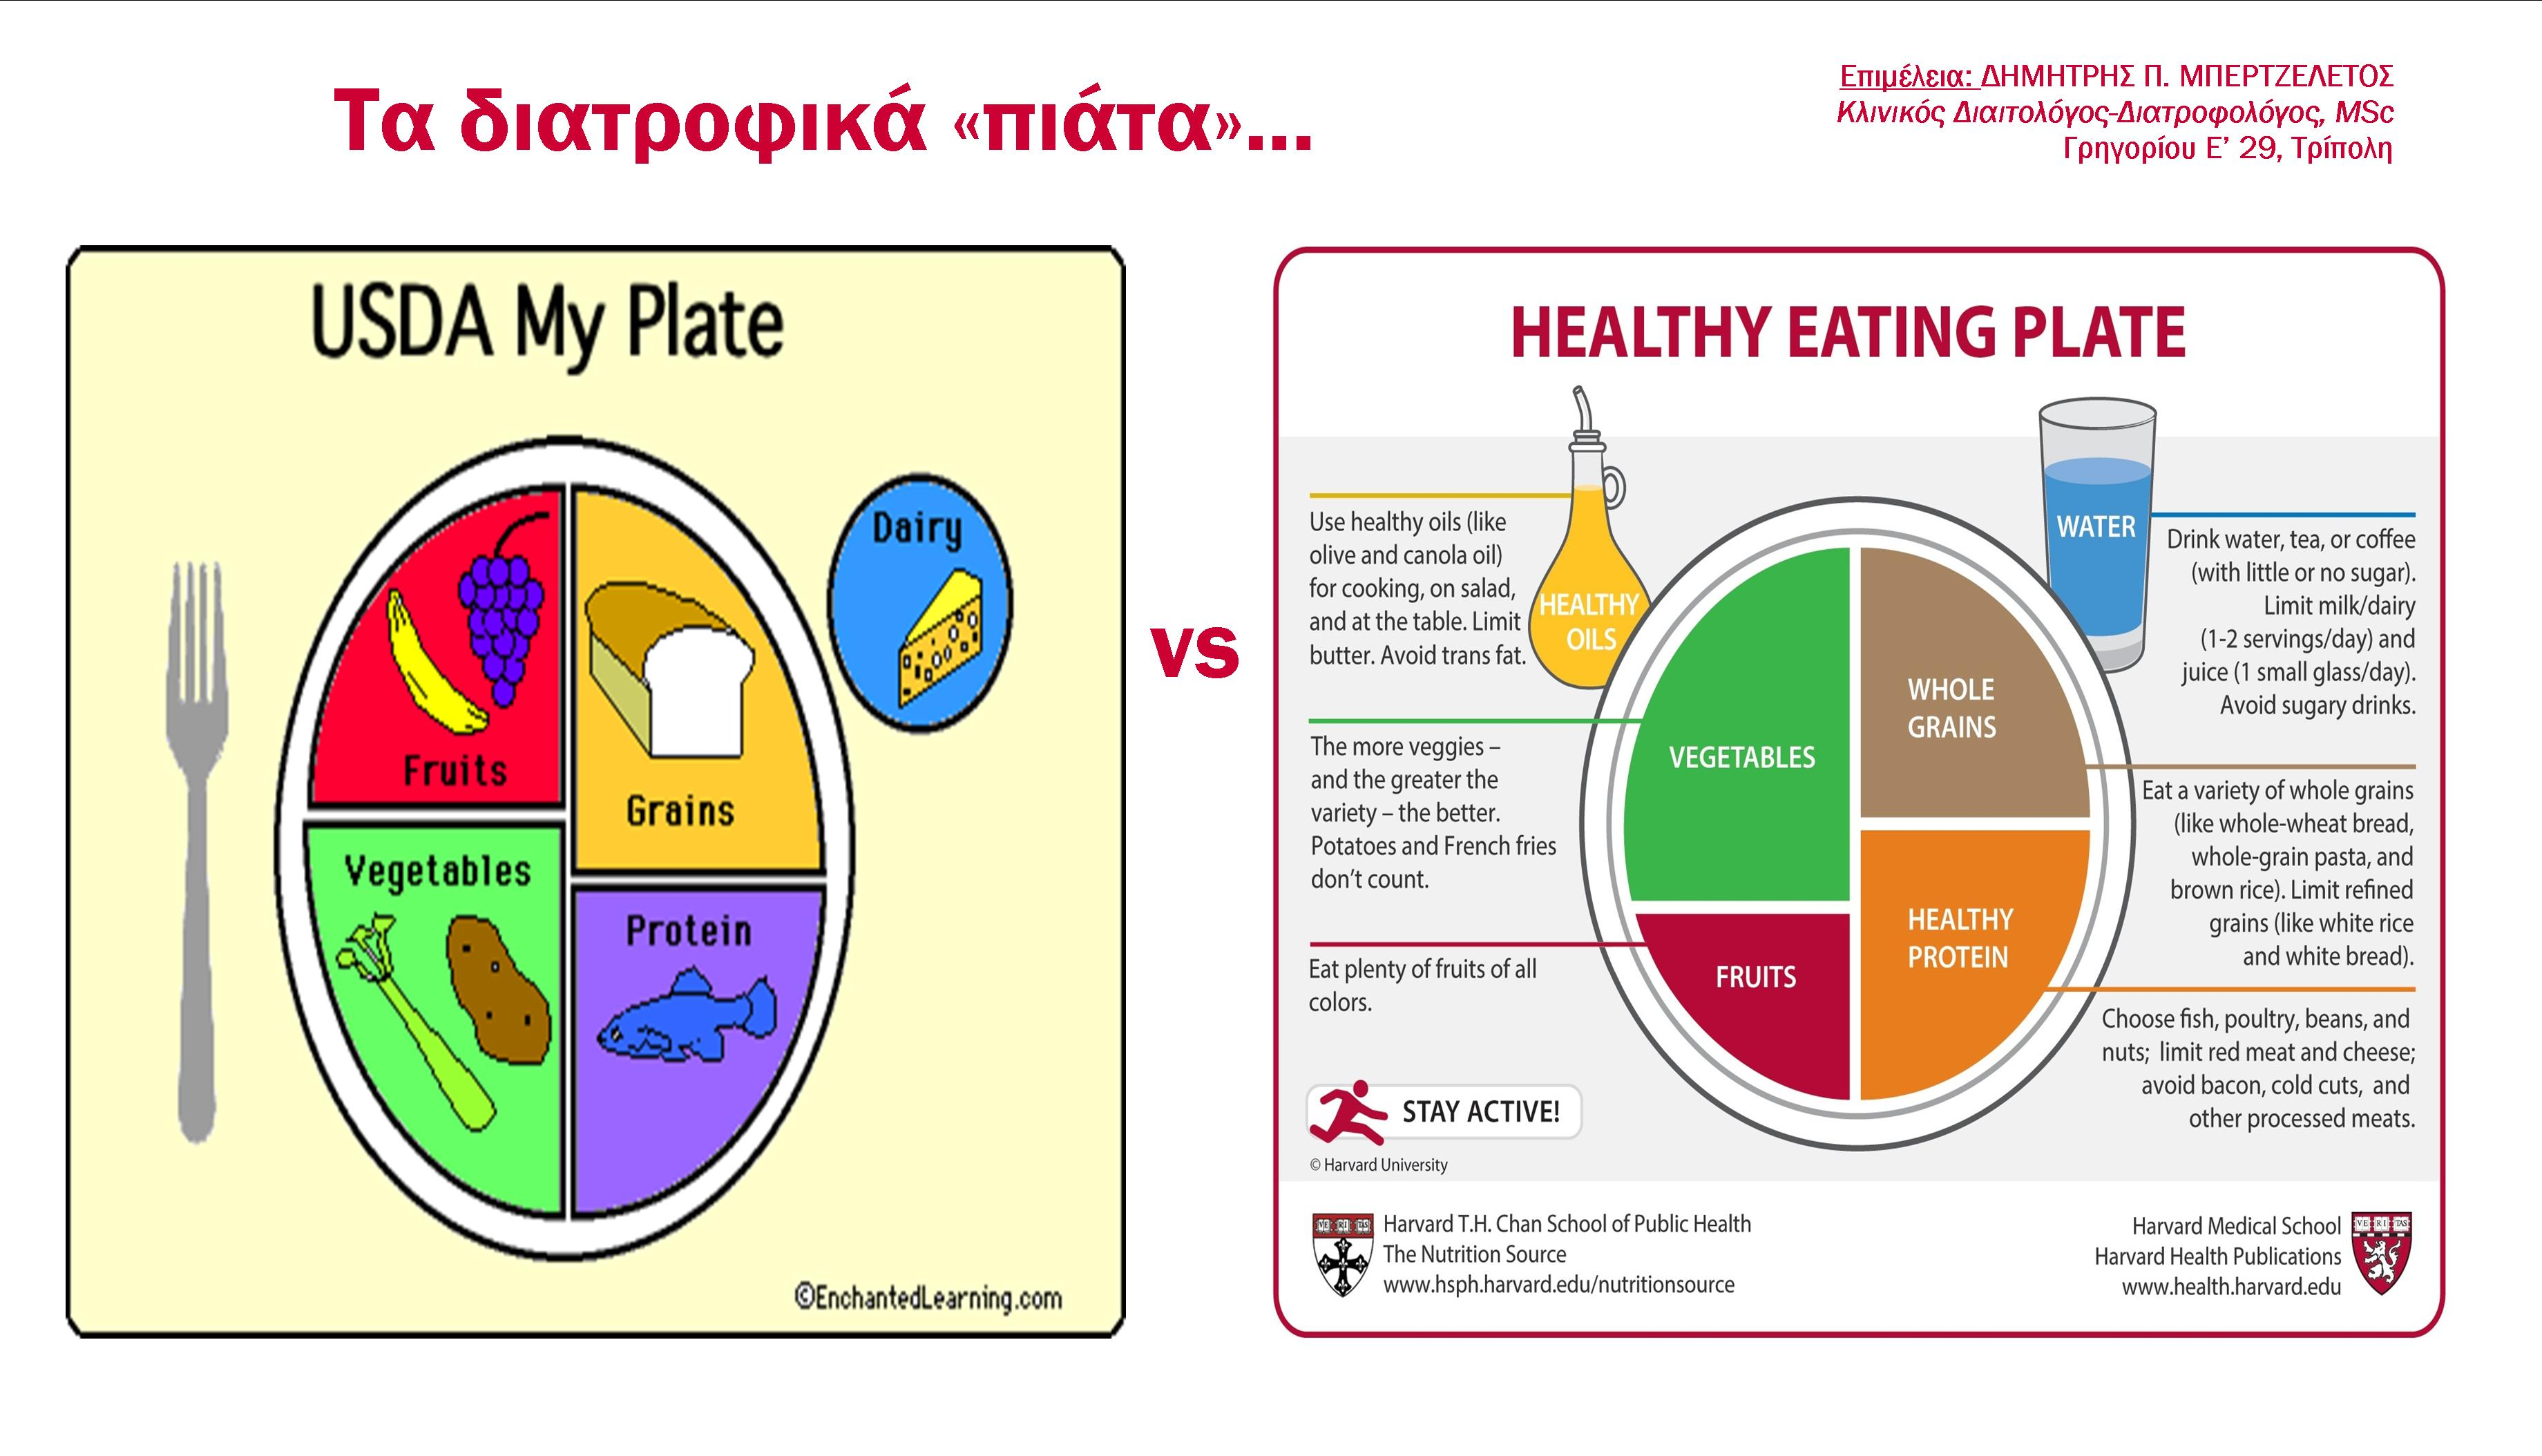 Τα «διατροφικά πιάτα»..